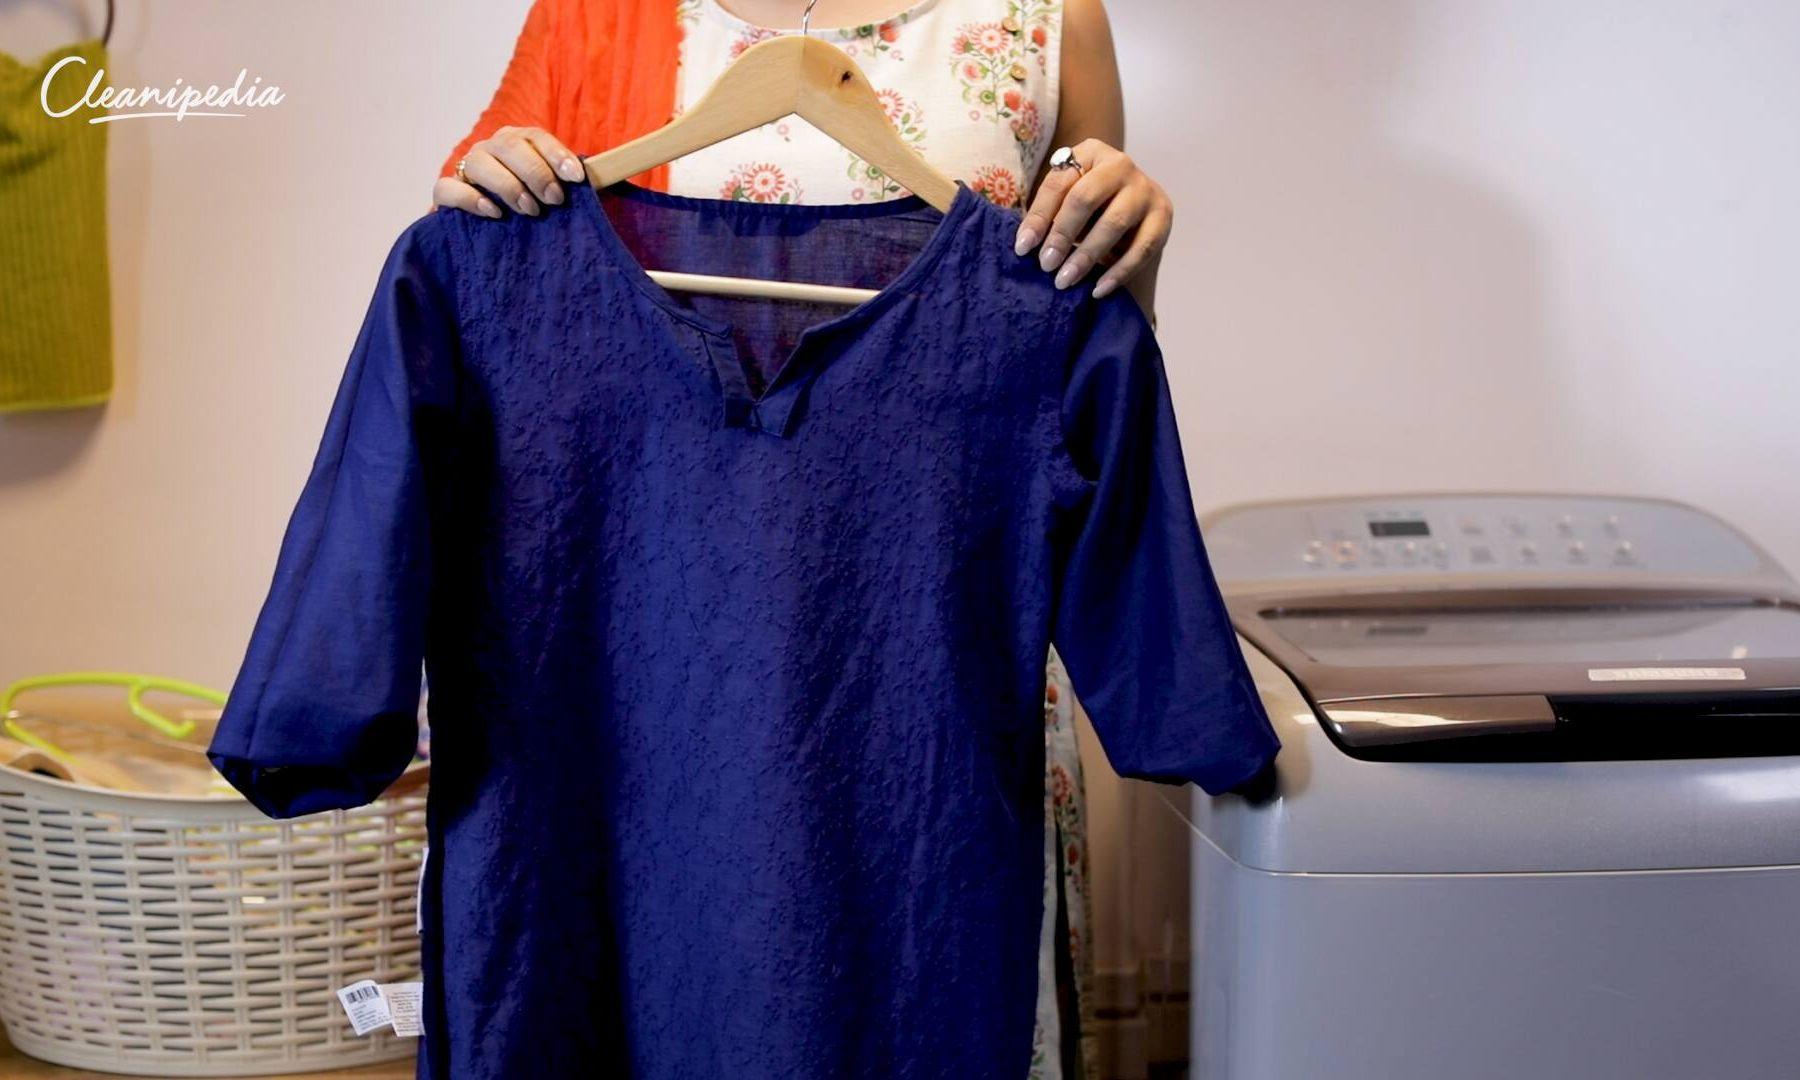 दिवाली में अपने त्यौहार के कपड़ों का ध्यान कैसे रखें | क्लीएनीपीडिया